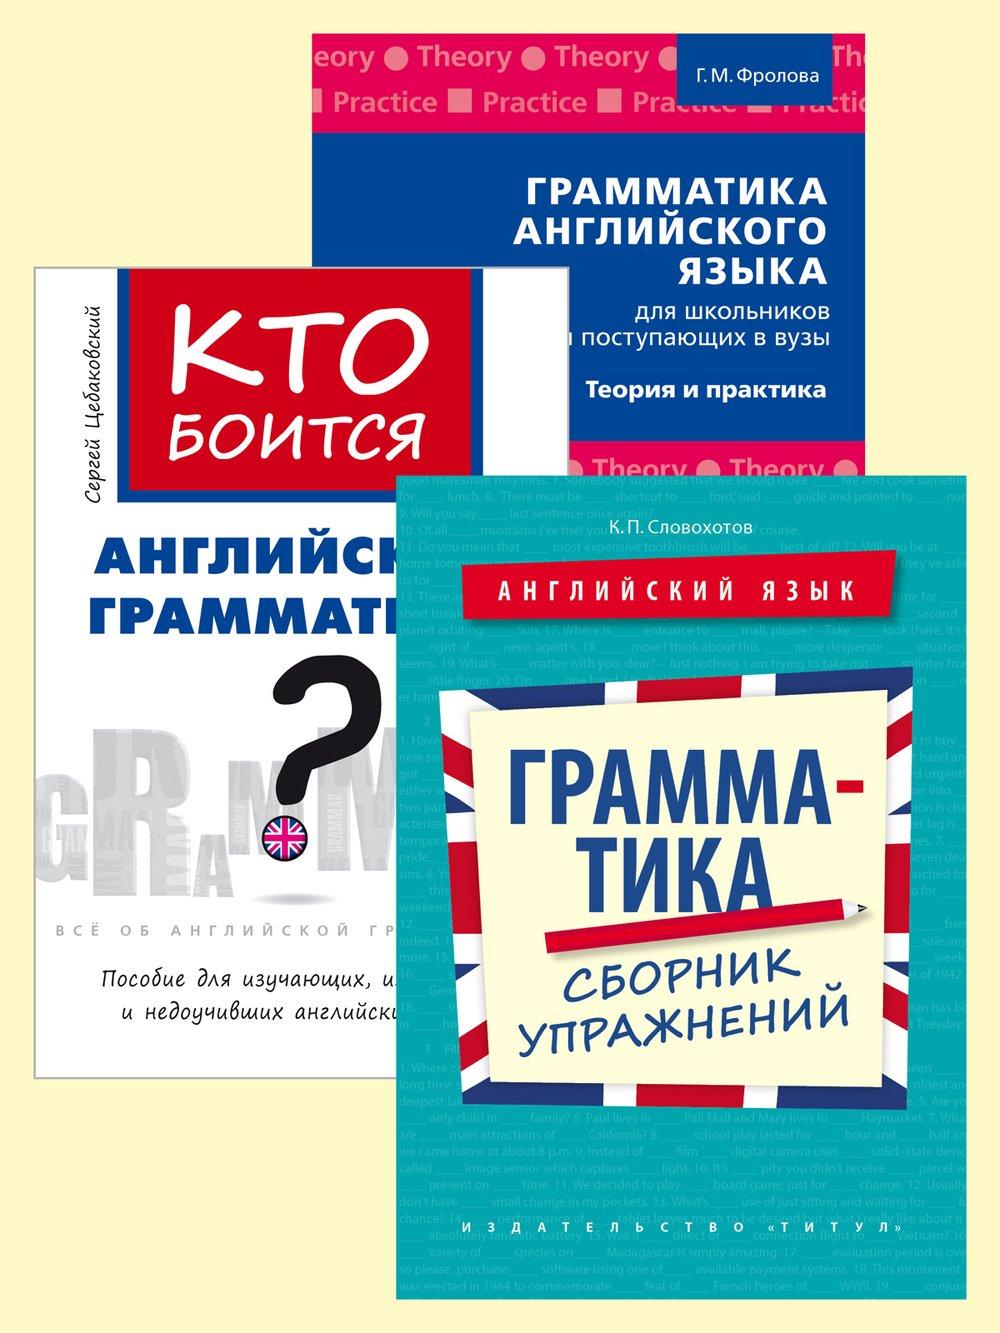 Комплект. Грамматика. Упражнения и теория. Английский язык (3 книги)